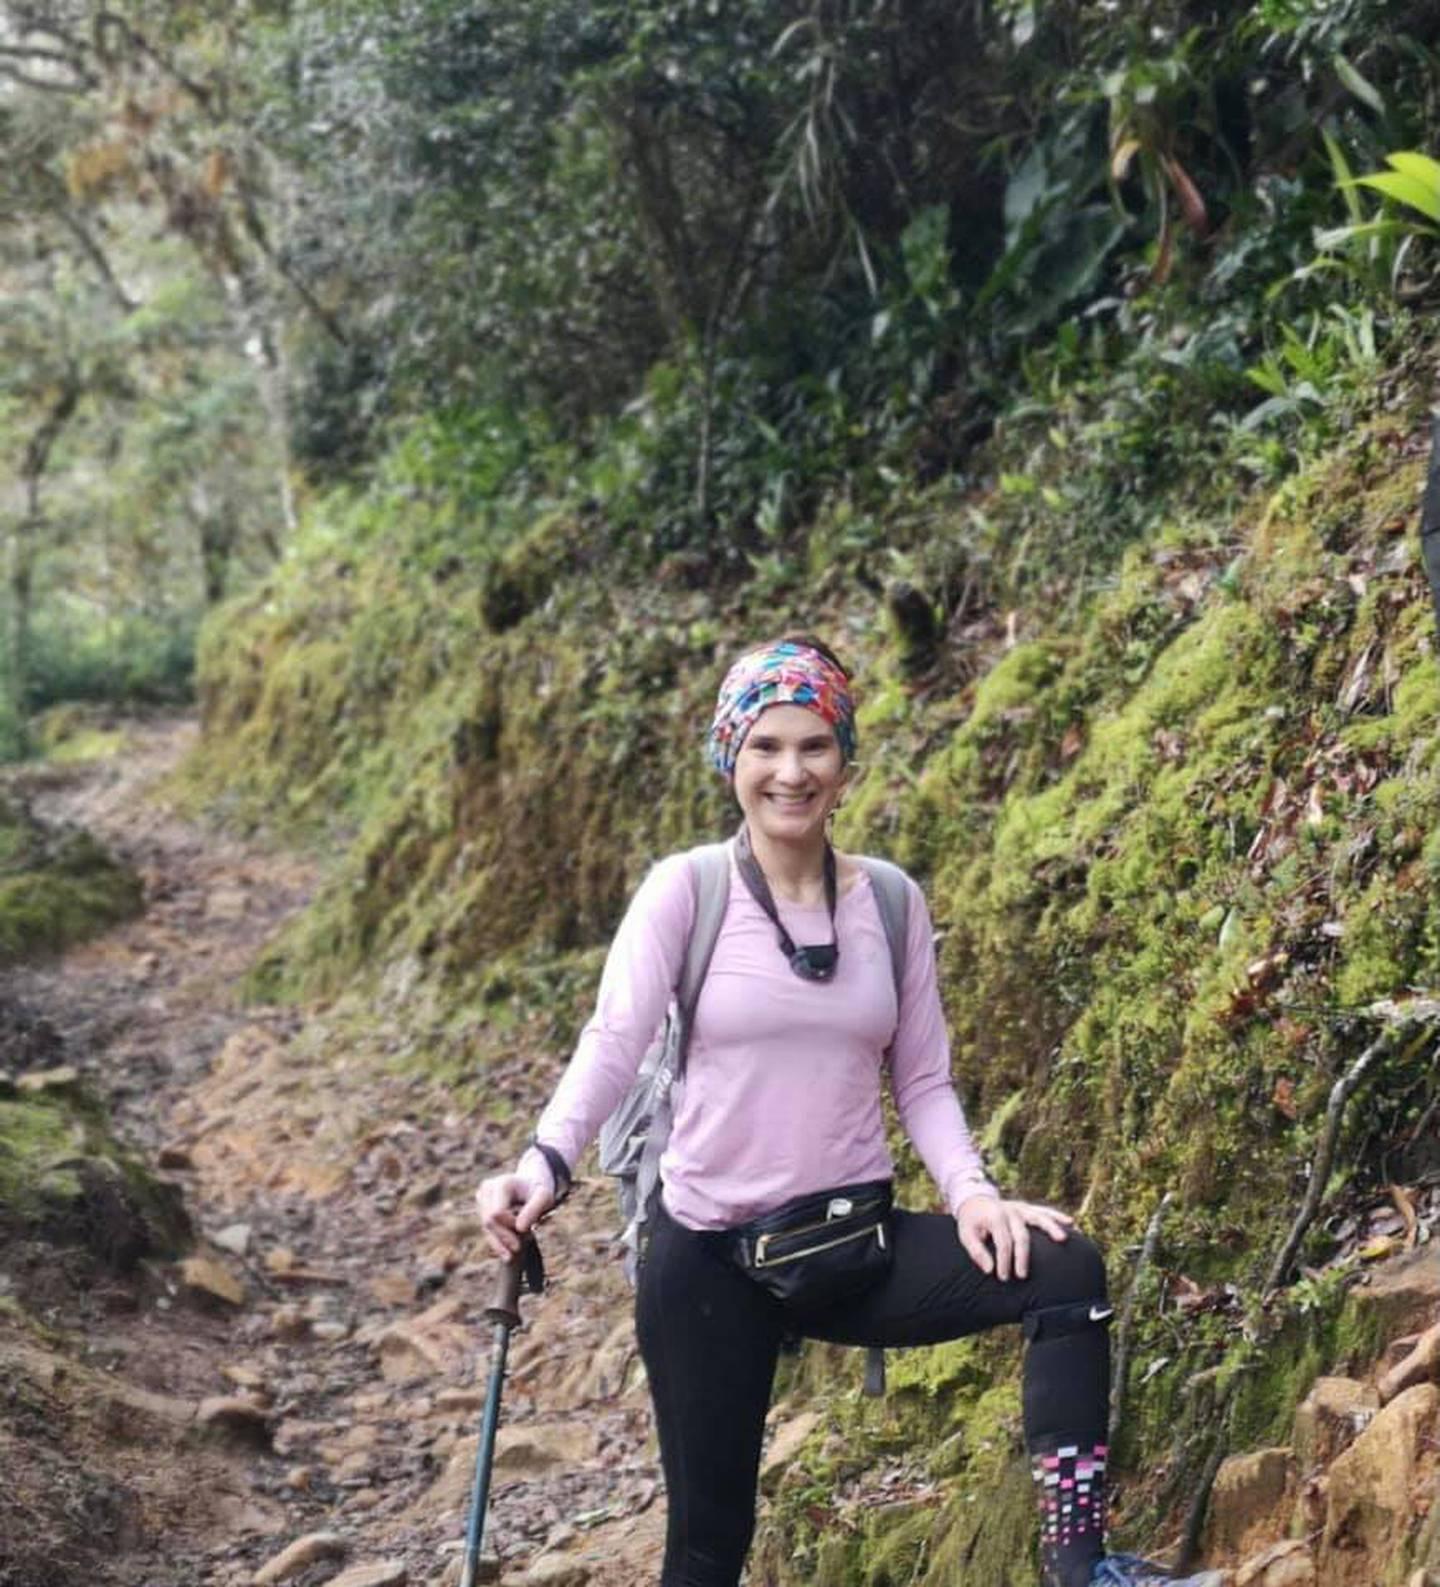 La familia de Marialis Vega, la mujer extraviada cerca del Chirripo, espera que su experiencia como montañista le ayude a salir bien de este trance. Foto: Facebook.